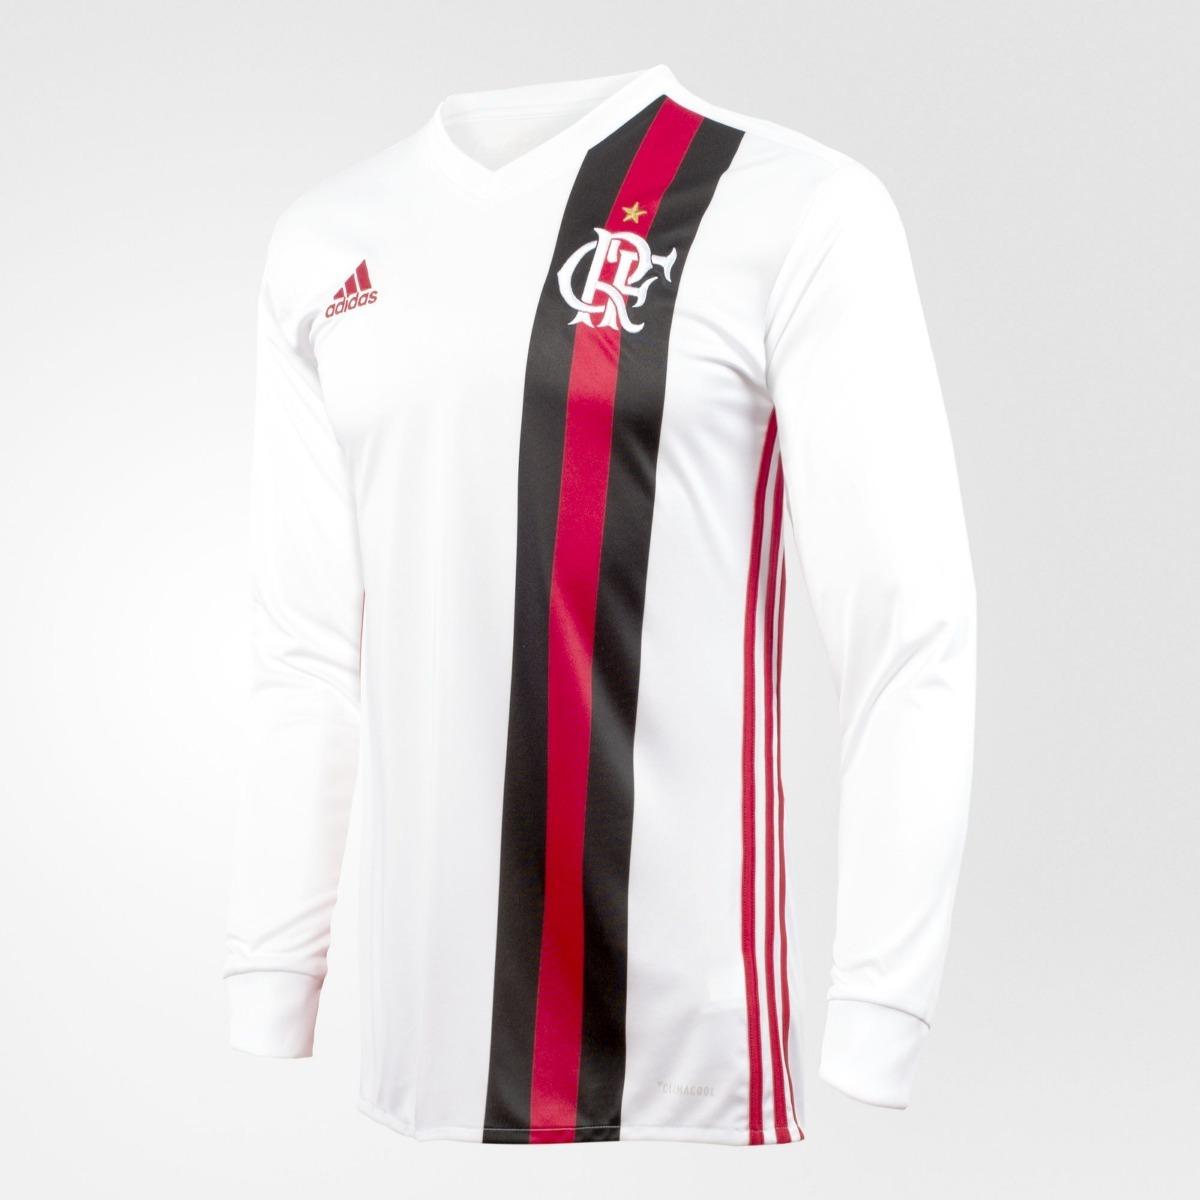 0caeb50a7d5f3 camisa flamengo ii 17 18 adidas original promoção jp sports. Carregando  zoom.